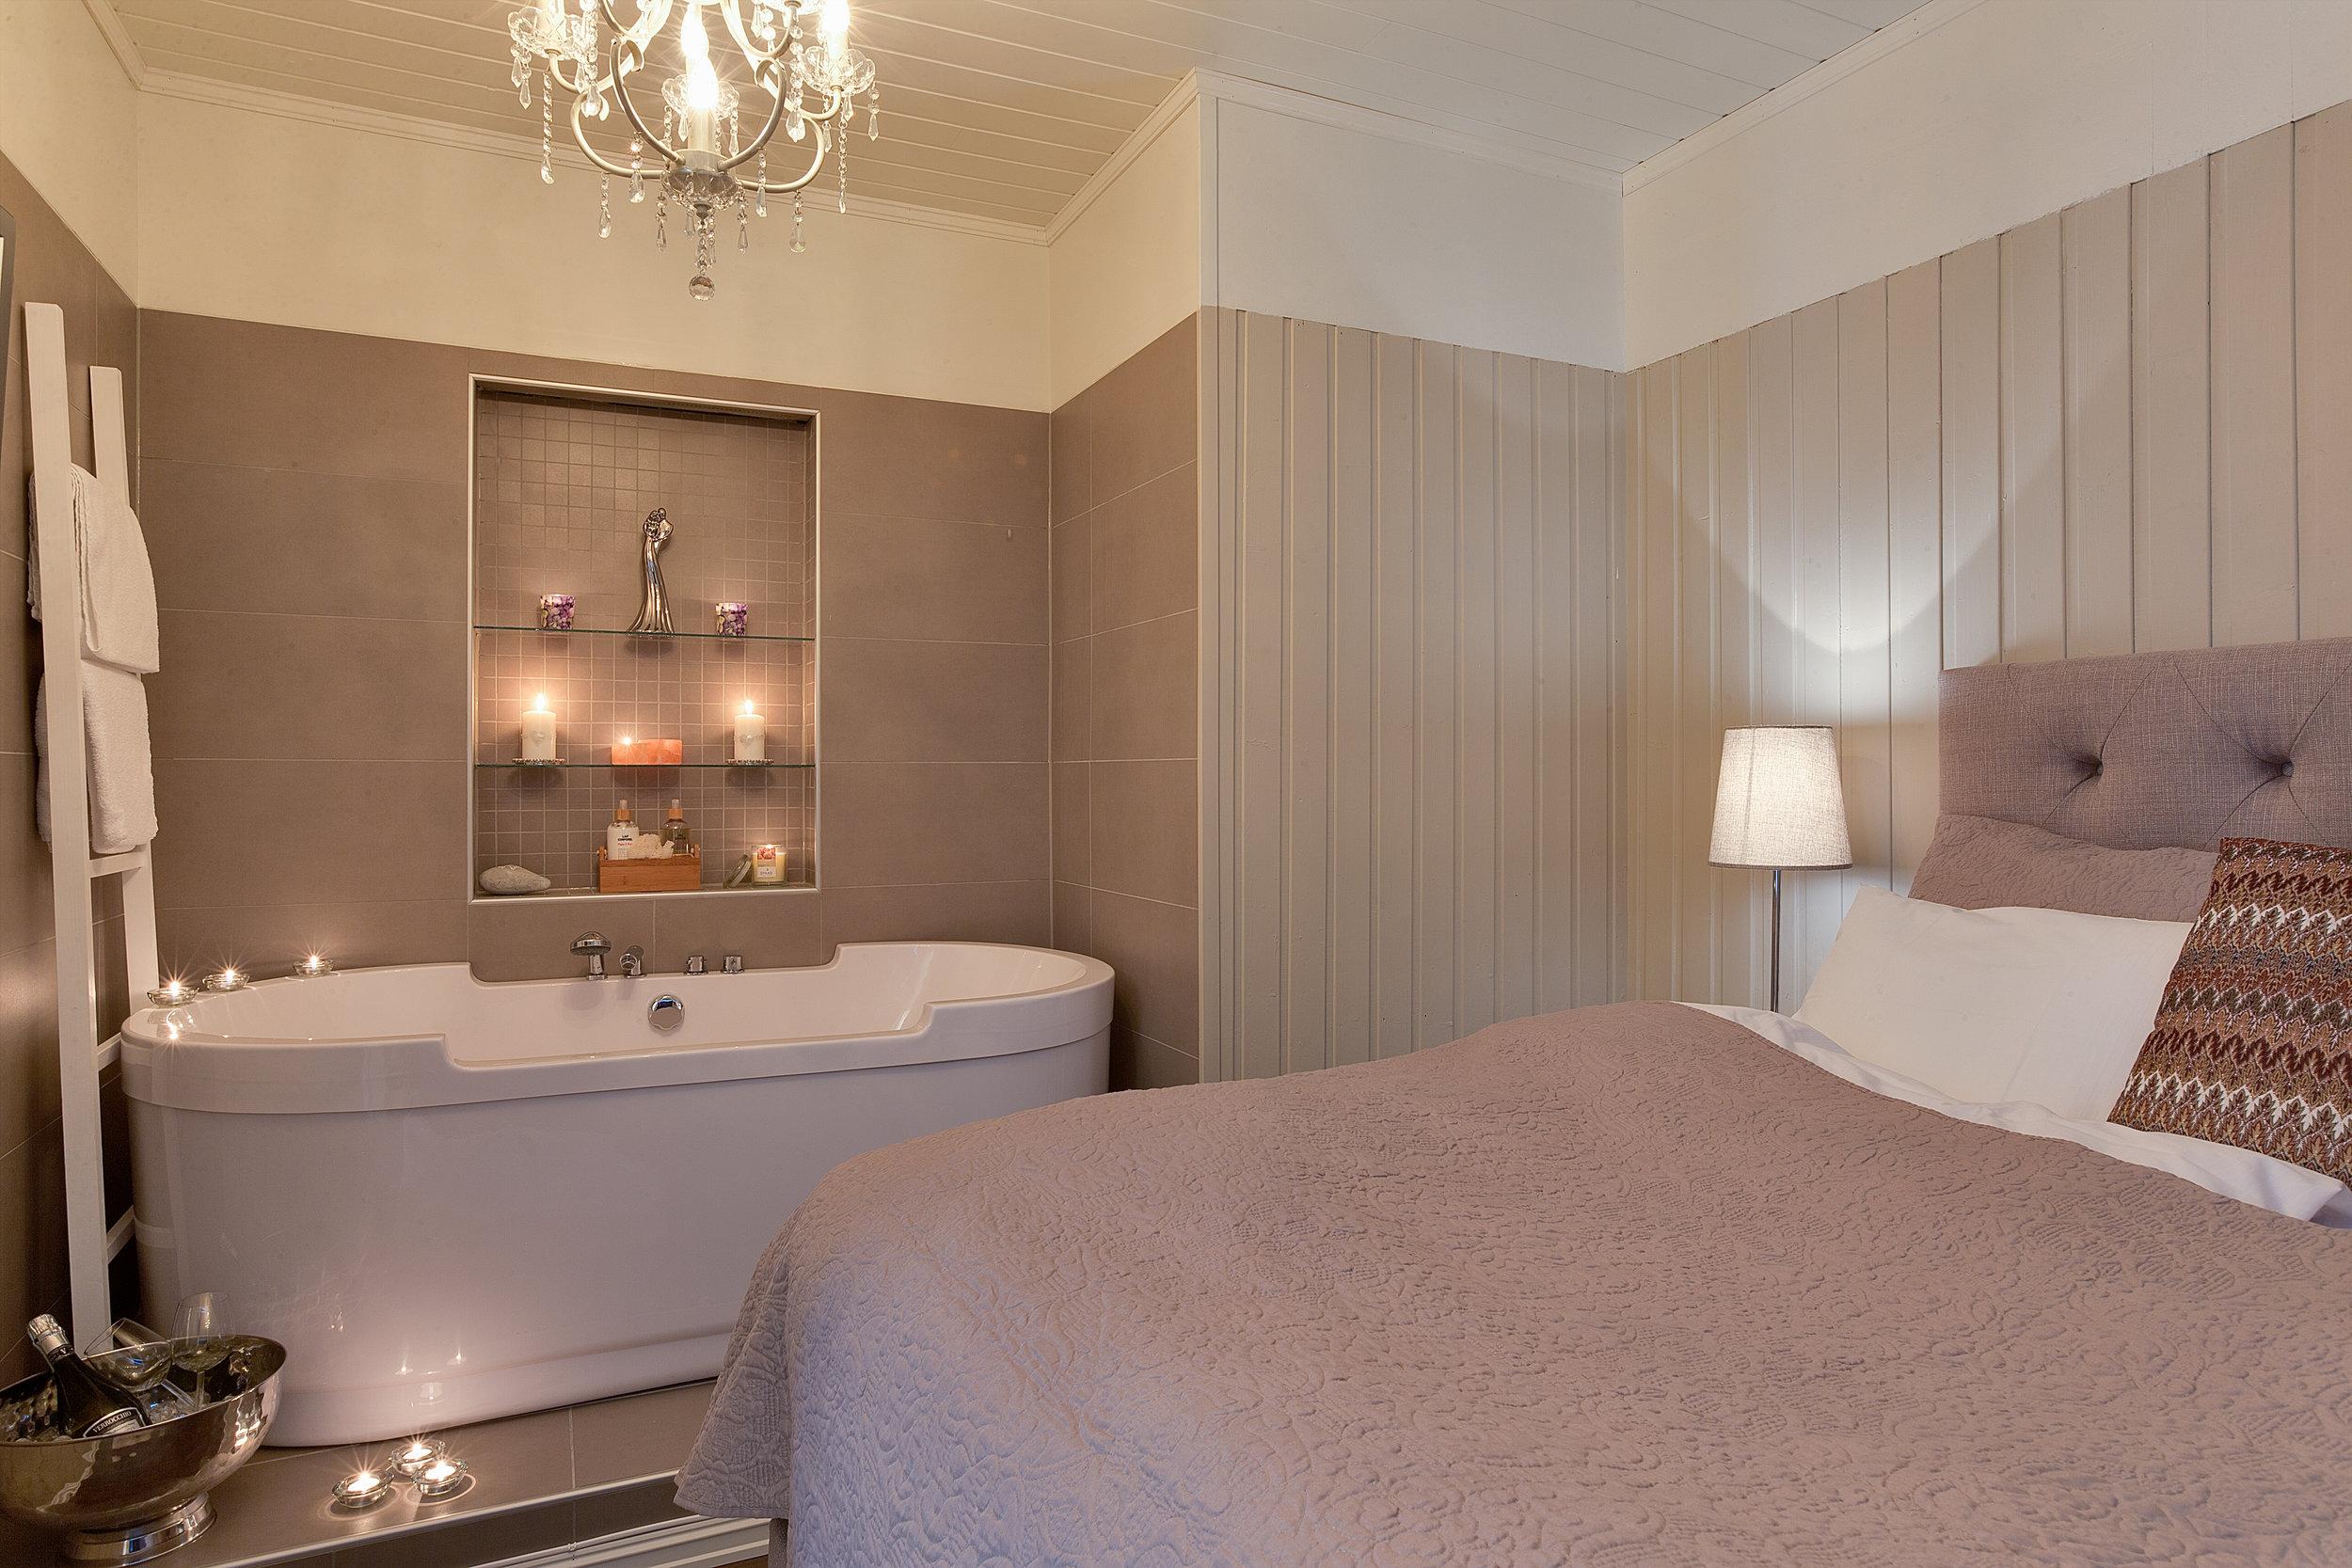 Suite - Vår suite har stue, peis, king size bed og badekar. Suiten er nyoppusset i 2017 og har WiFi, eletrisk peis og kabel-TV.For booking av suite kontakt oss på post@gomobu.no